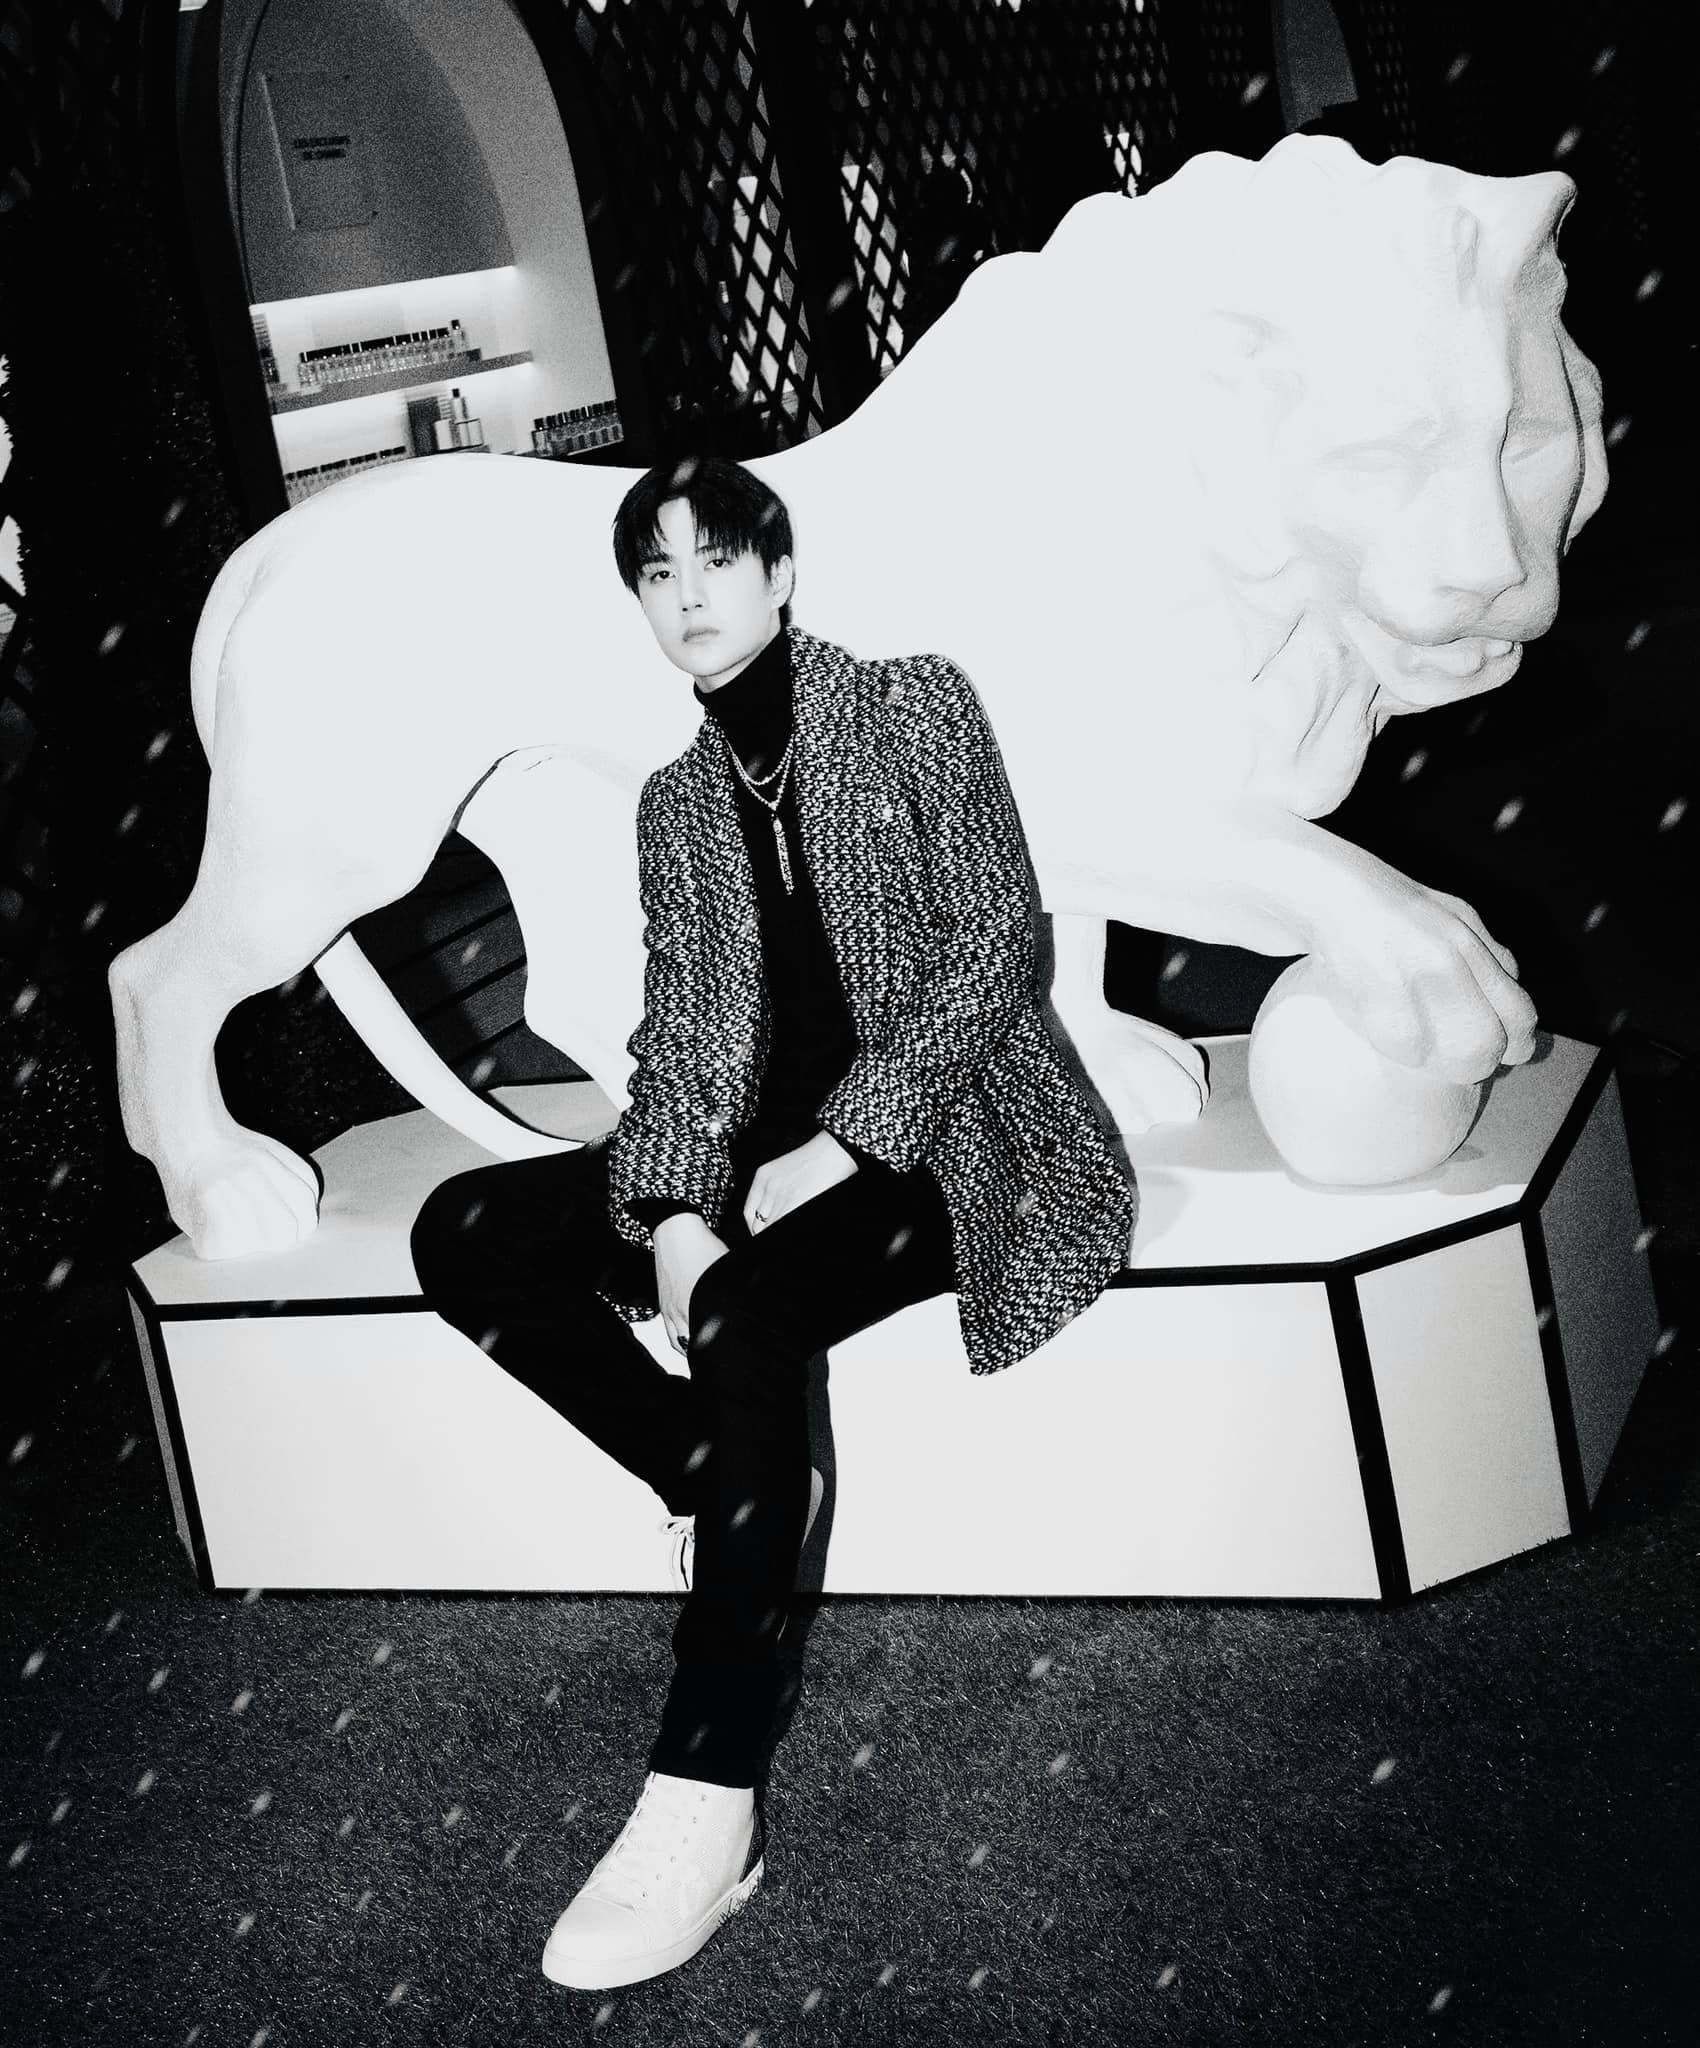 Vương Nhất Bác đẹp 'chấn động bờ hồ' trong loạt ảnh Chanel, không hổ danh 'chàng thơ' Châu Á 8